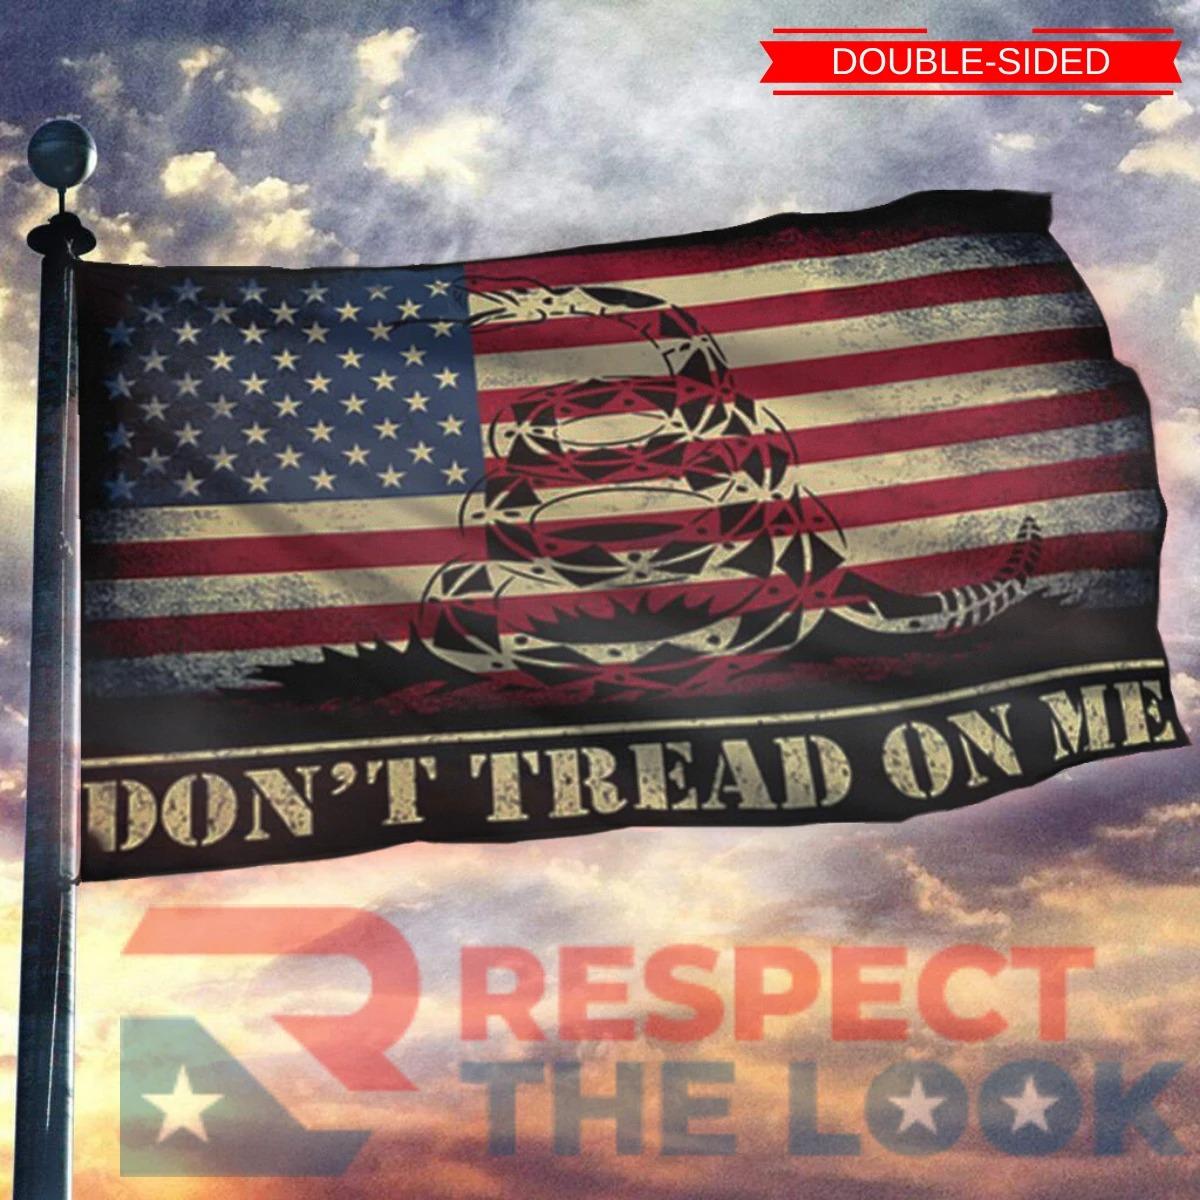 Snake Don't tread on me flag 9